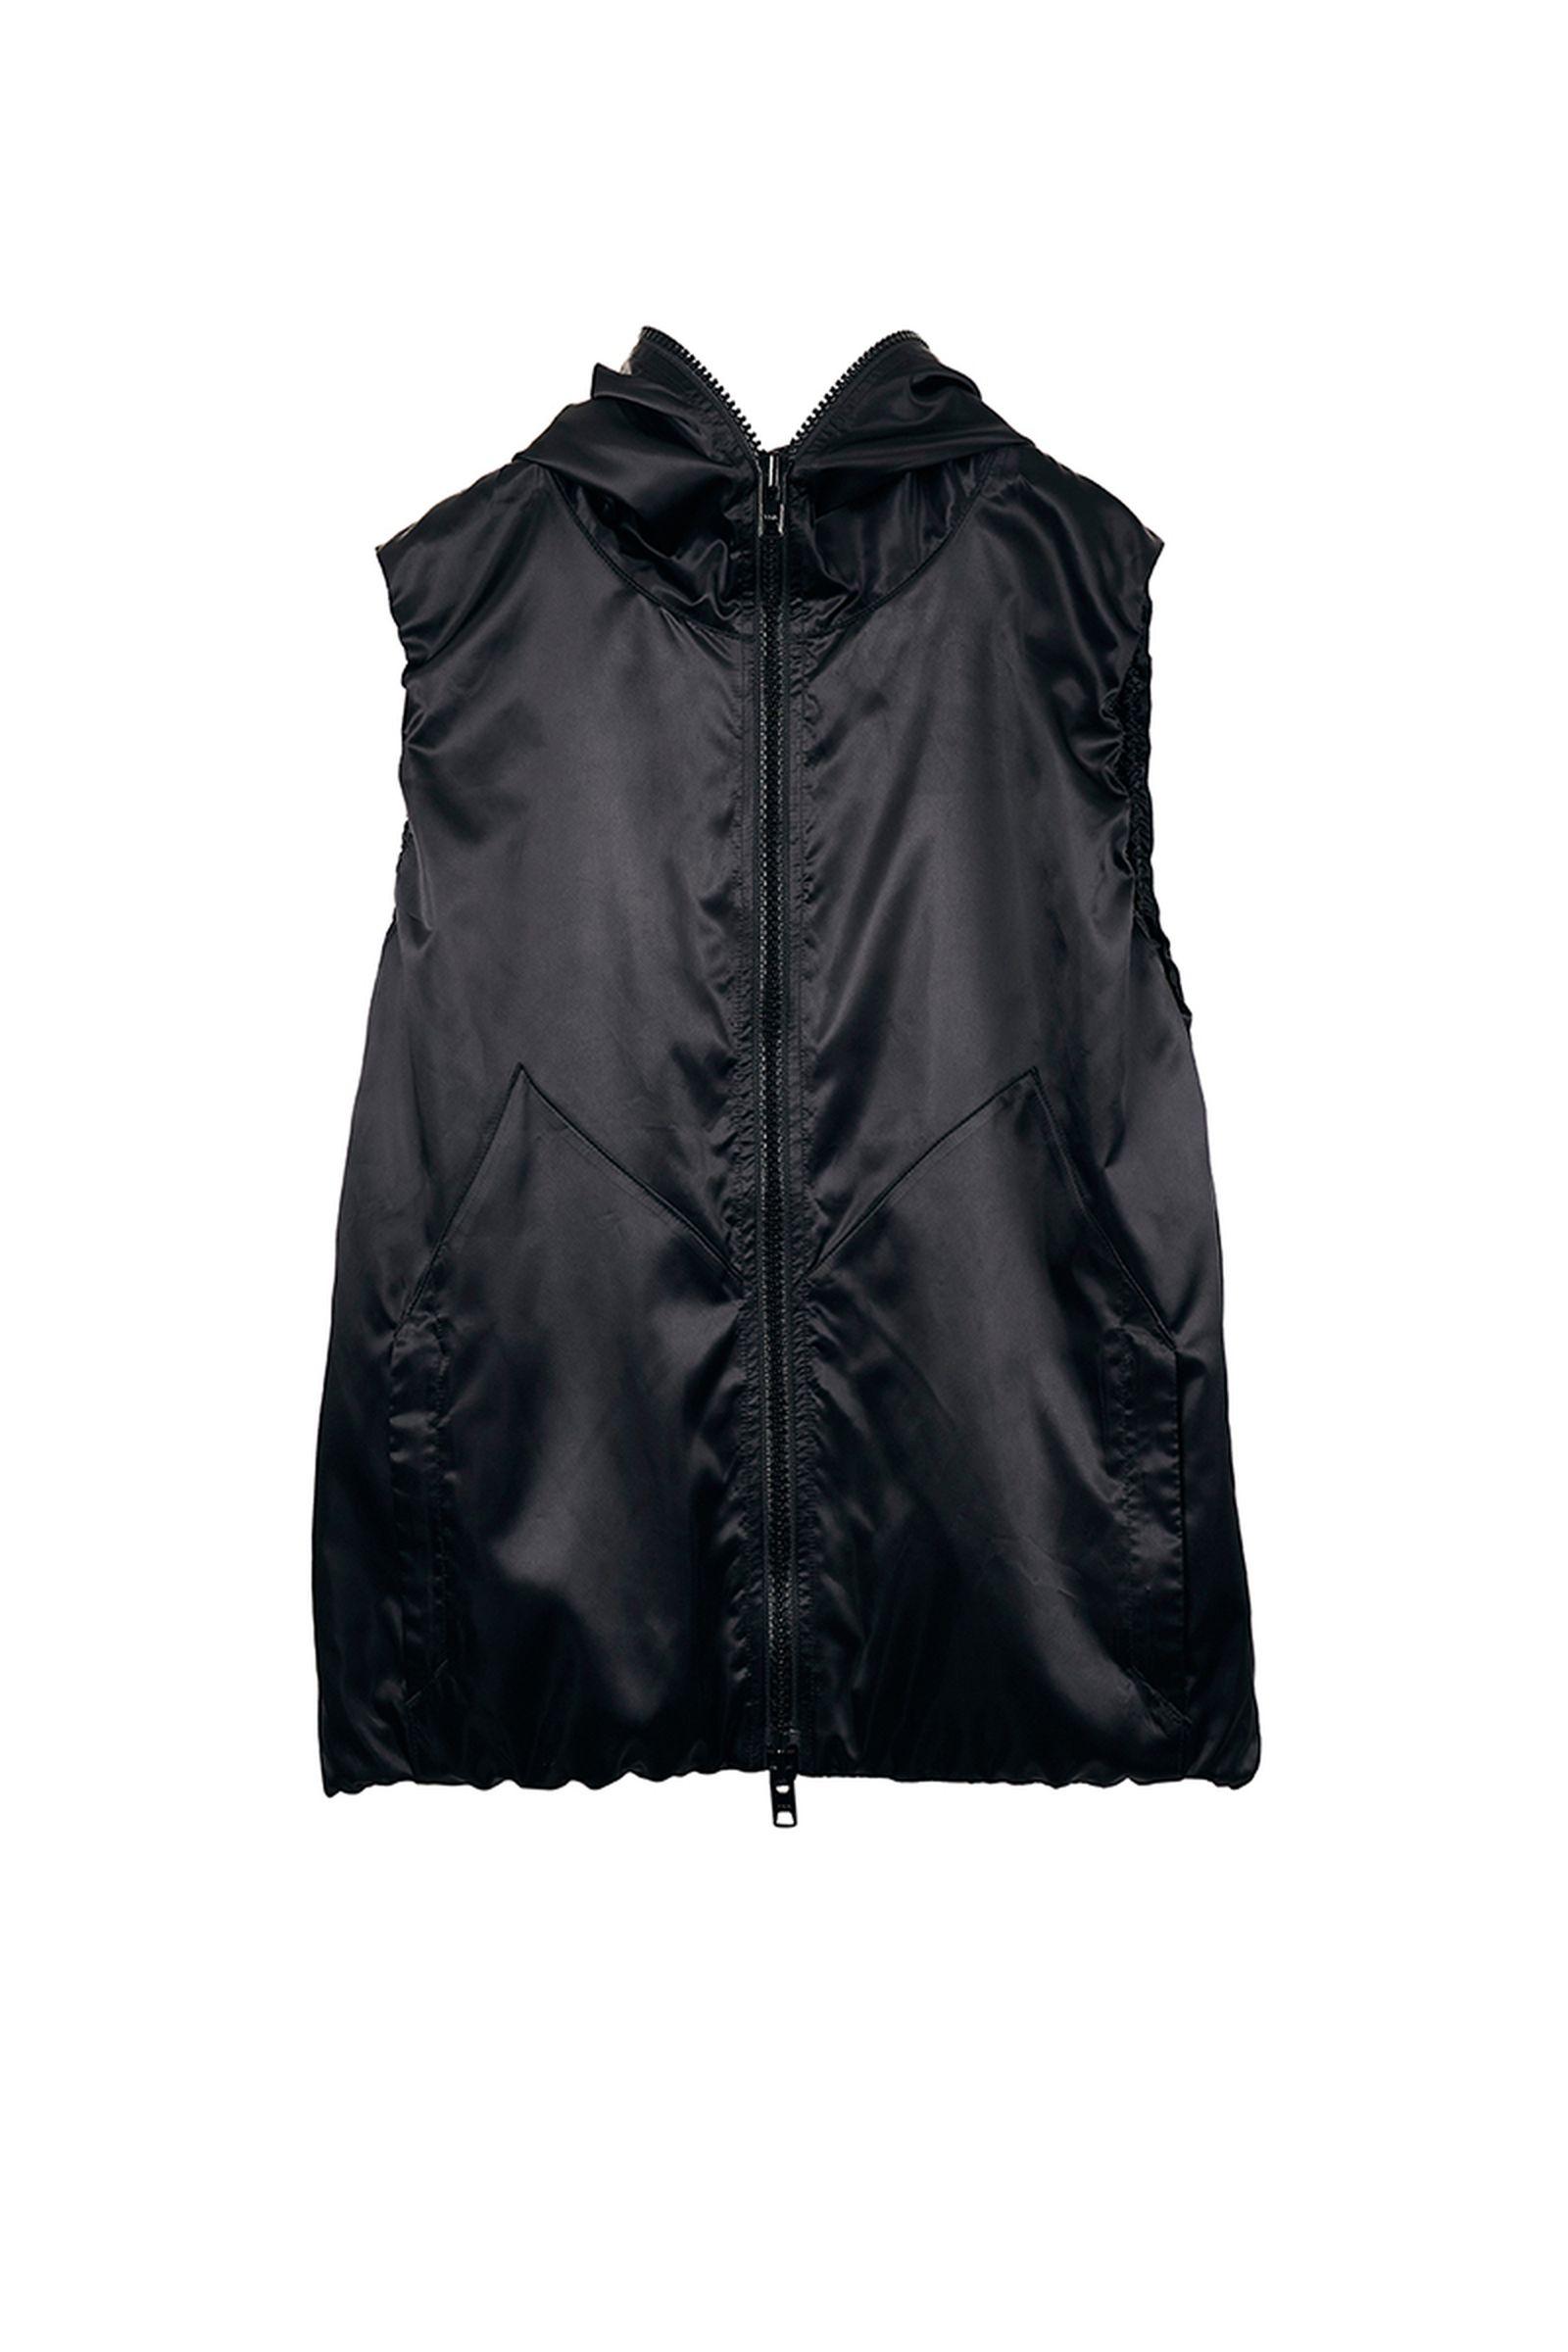 taiga liona fan cooled clothing (10)